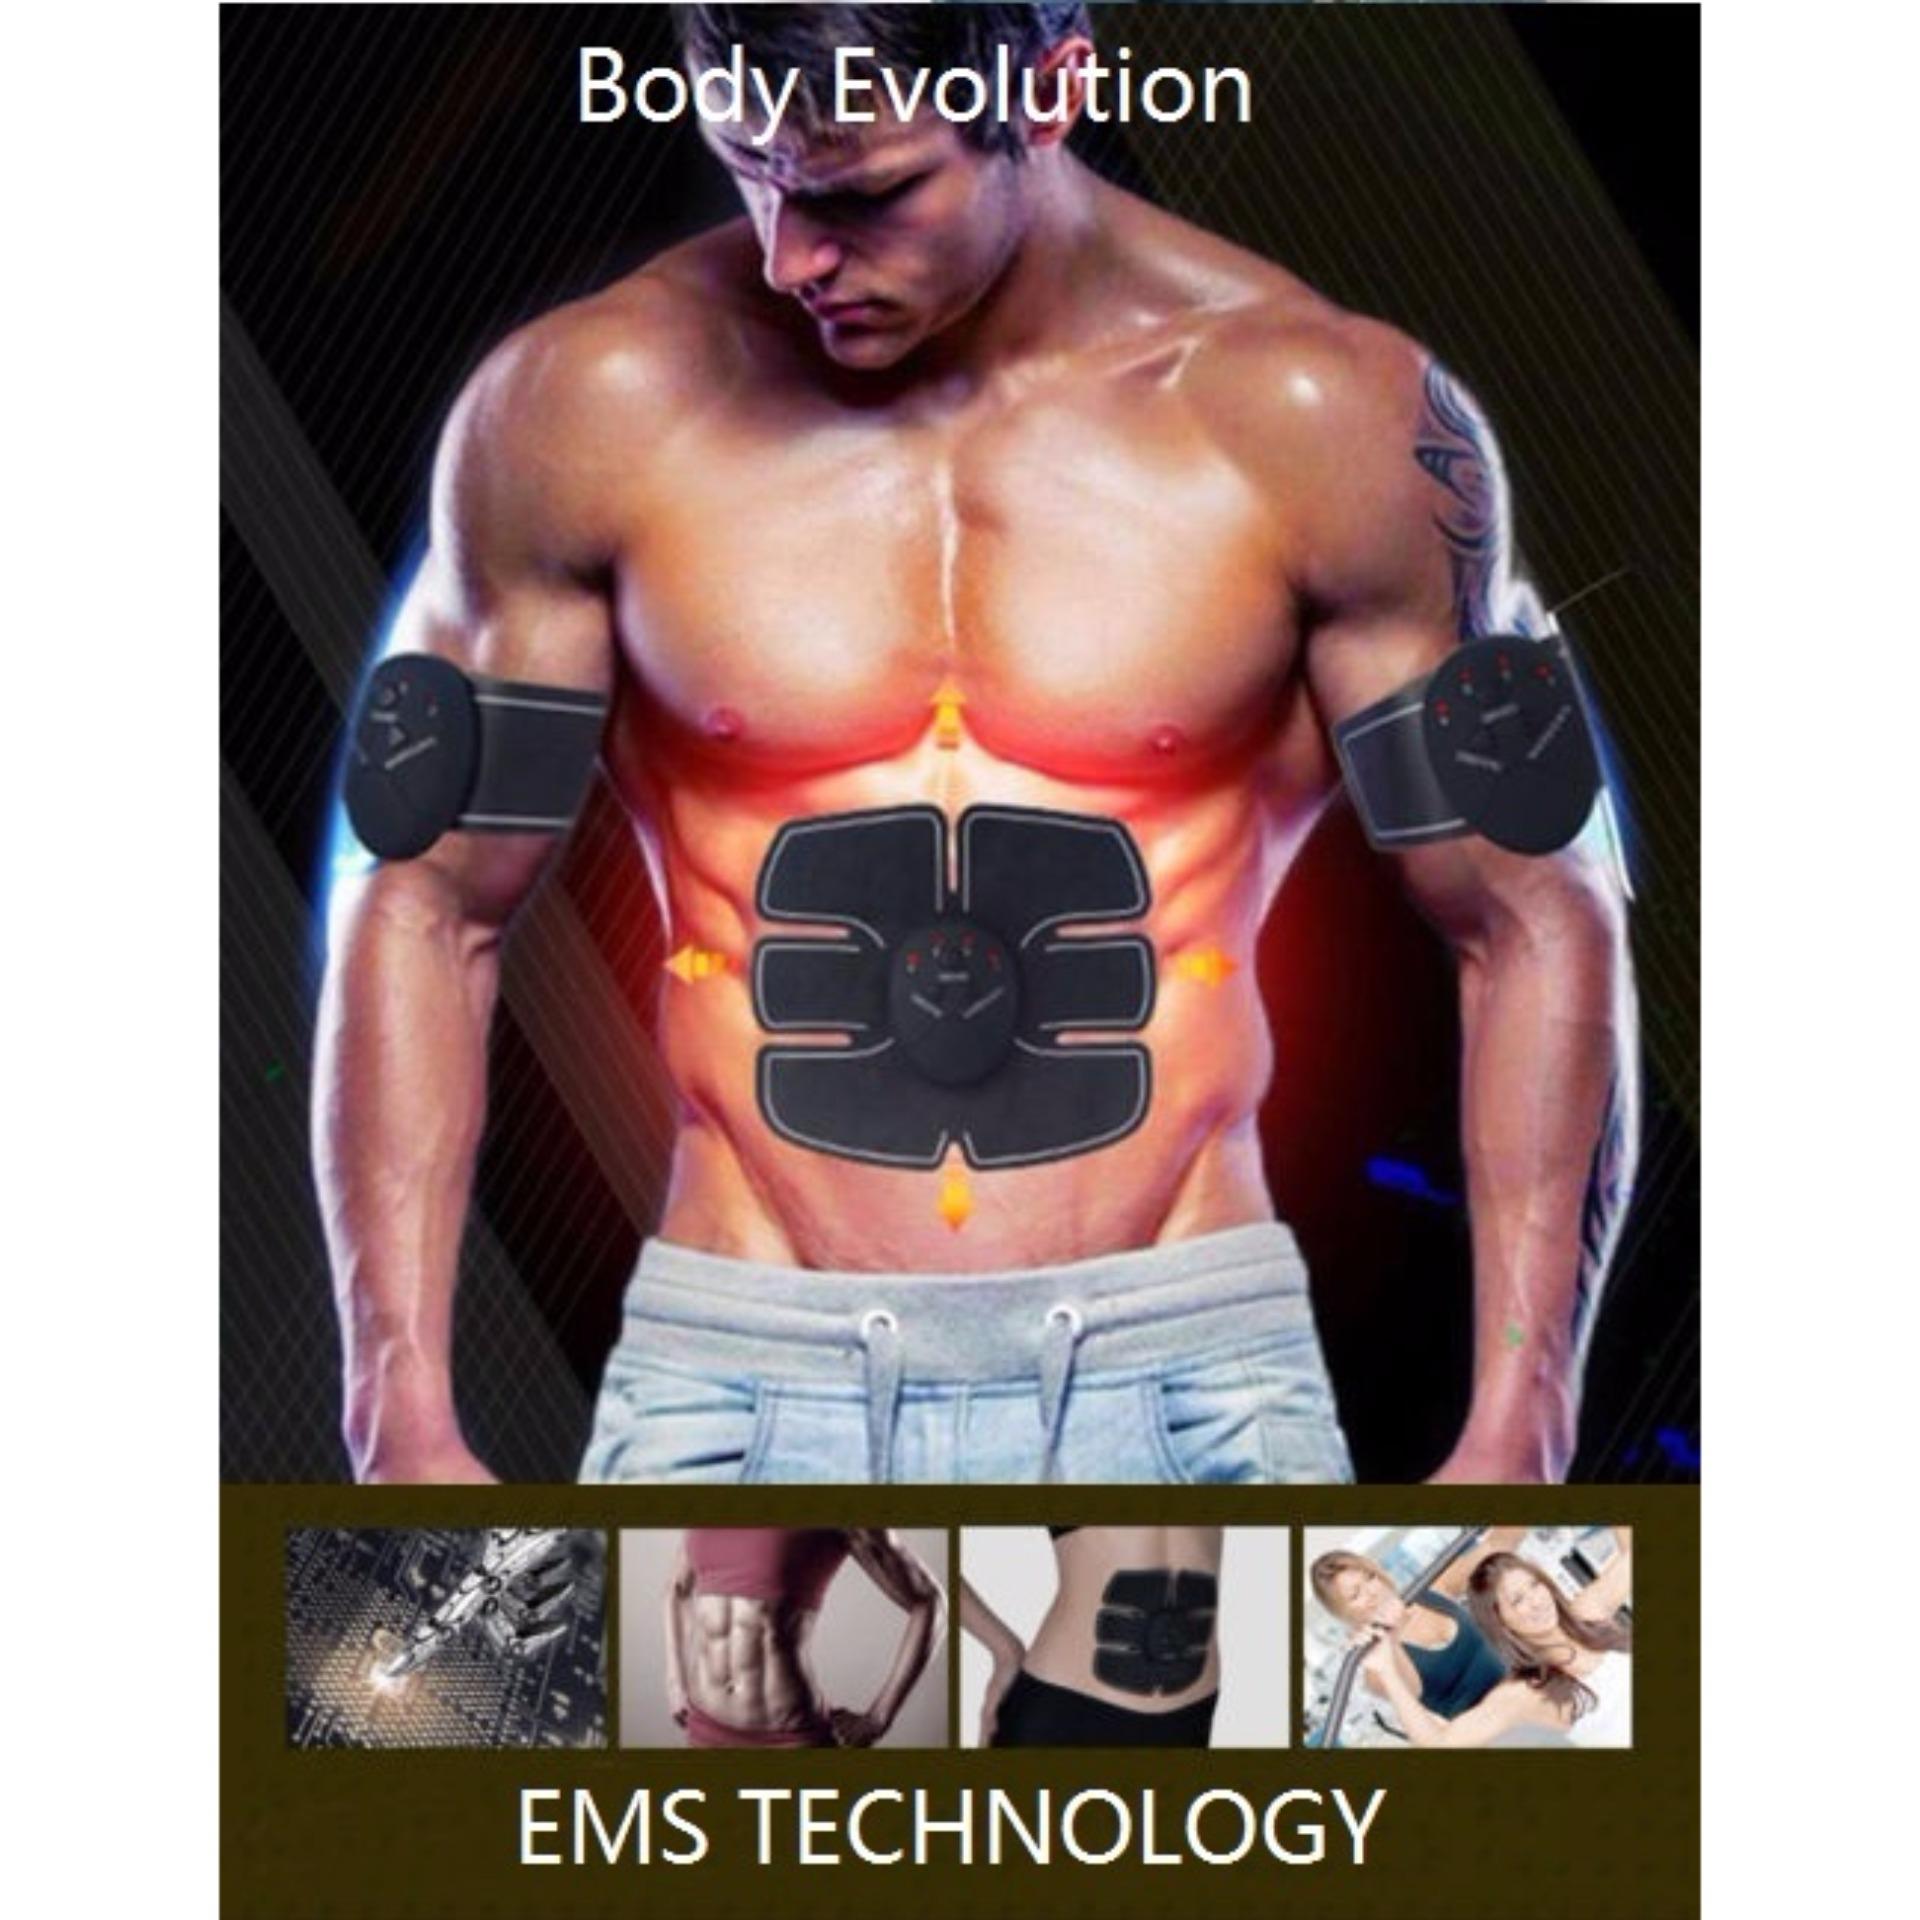 ems training die wahrheit cellulite erfahrungen.jpg